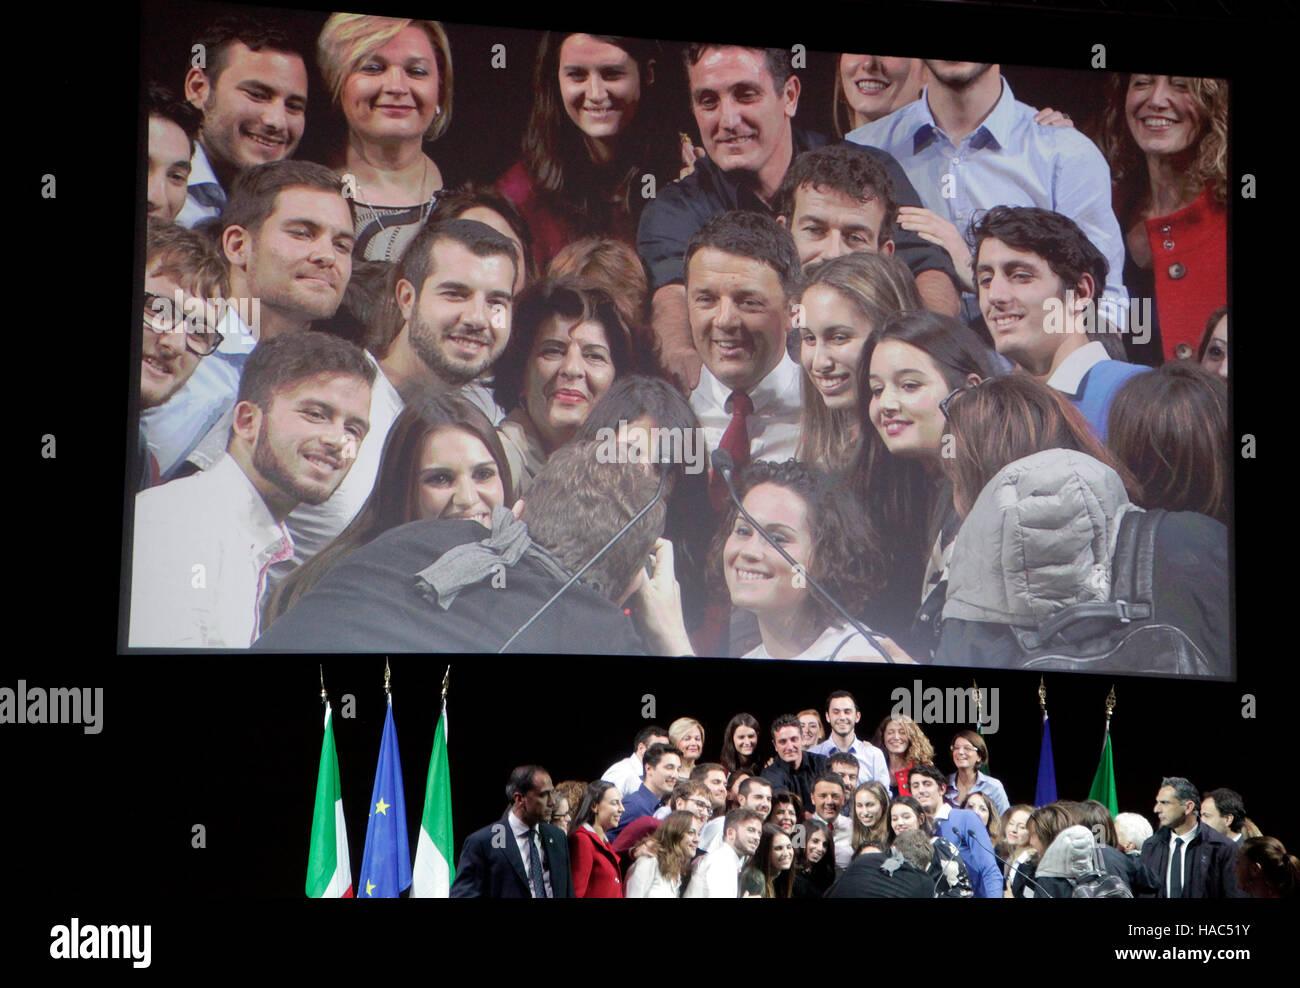 Matteo Renzi, le premier ministre pose pour une photo de groupe avec des partisans d'un référendum Photo Stock